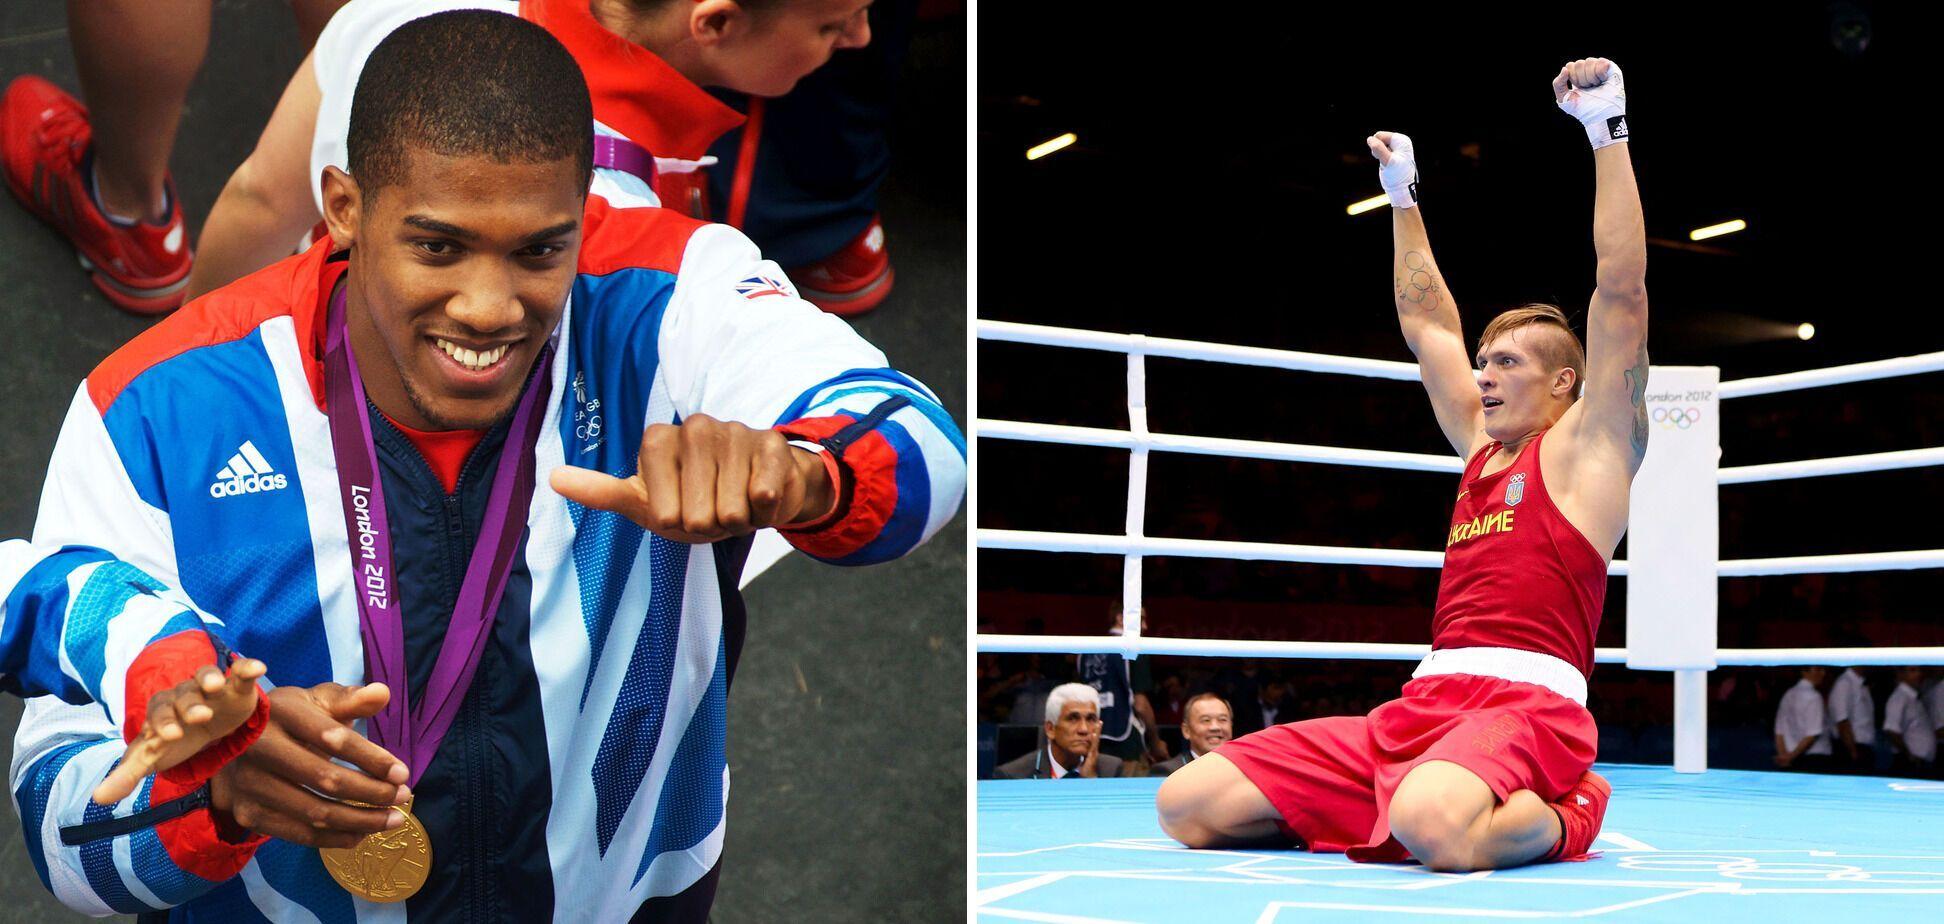 Джошуа и Усик выиграли Олимпиаду в 2012 году